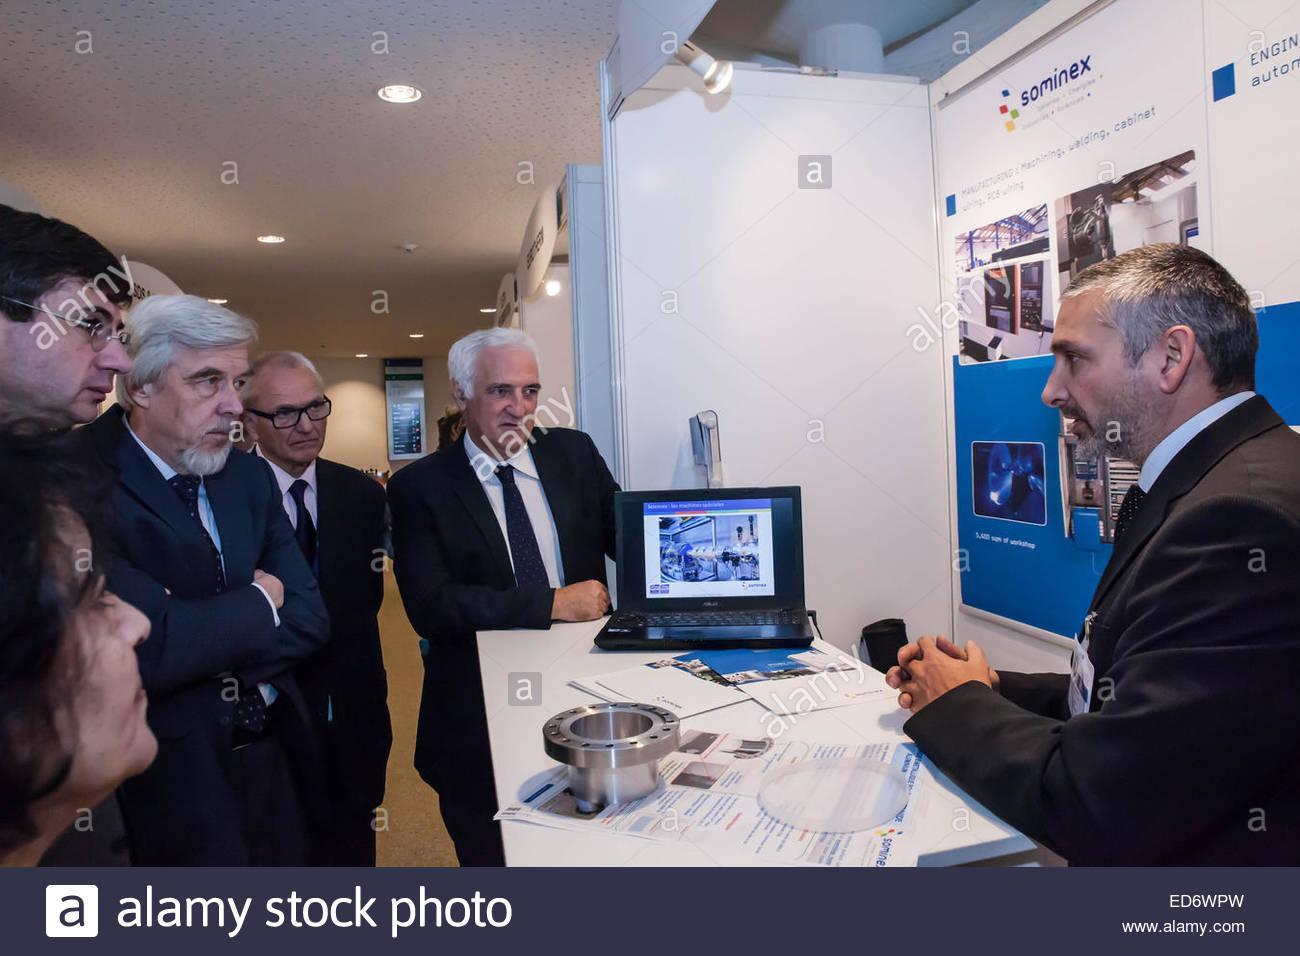 Las empresas francesas en el cern feria presentando sus productos a los gestores, el CERN, Ginebra, diciembre de Foto de stock